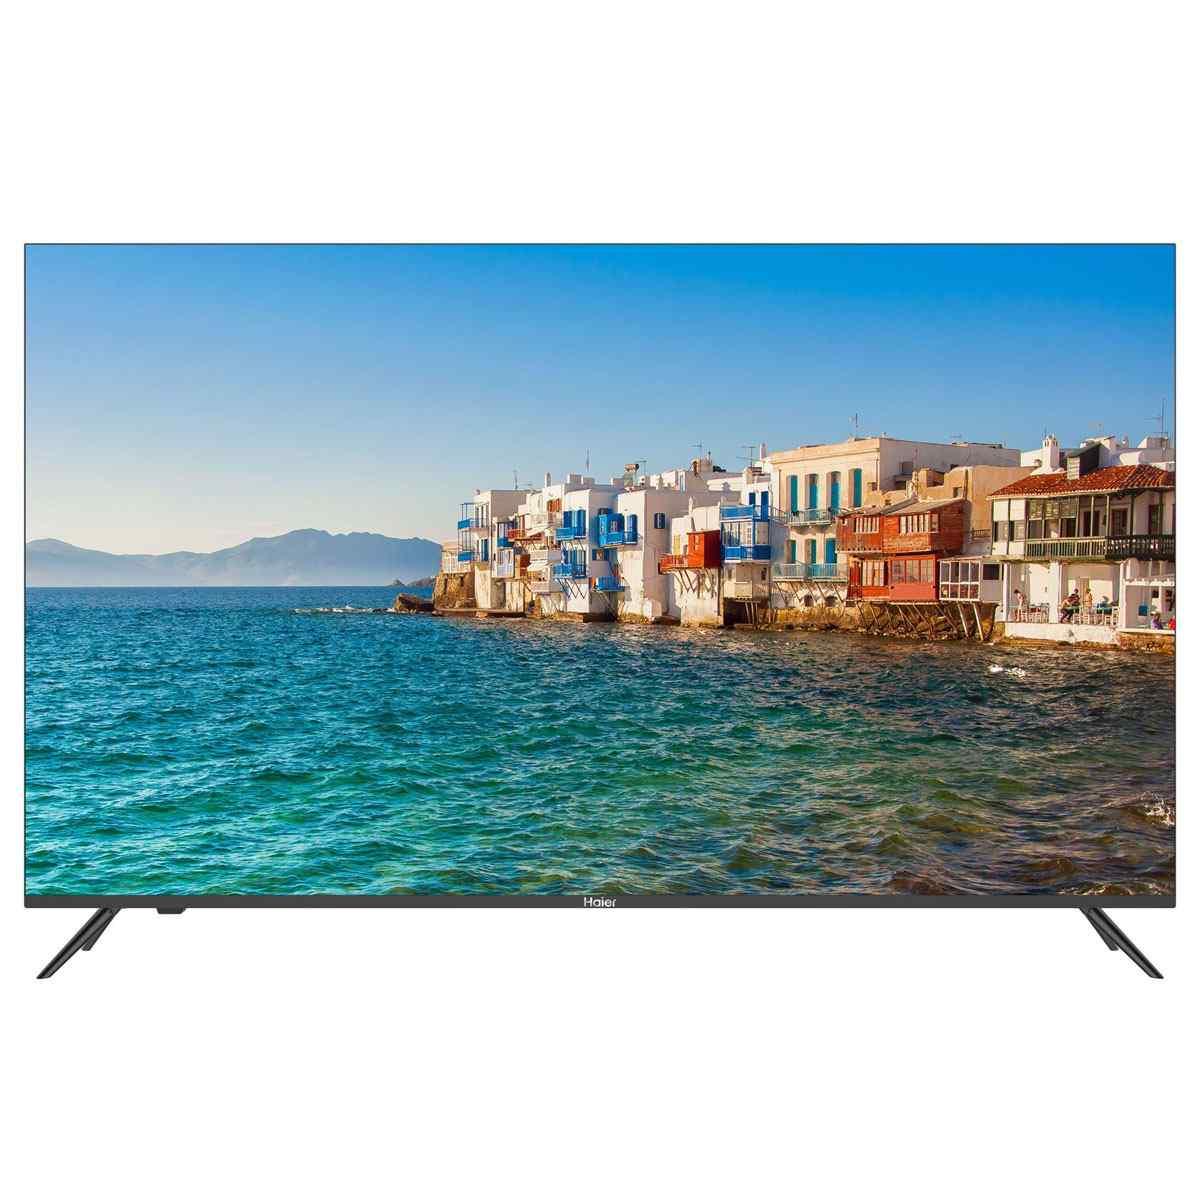 Haier 65 Inch 4K FHD Smart LED TV (K6600)